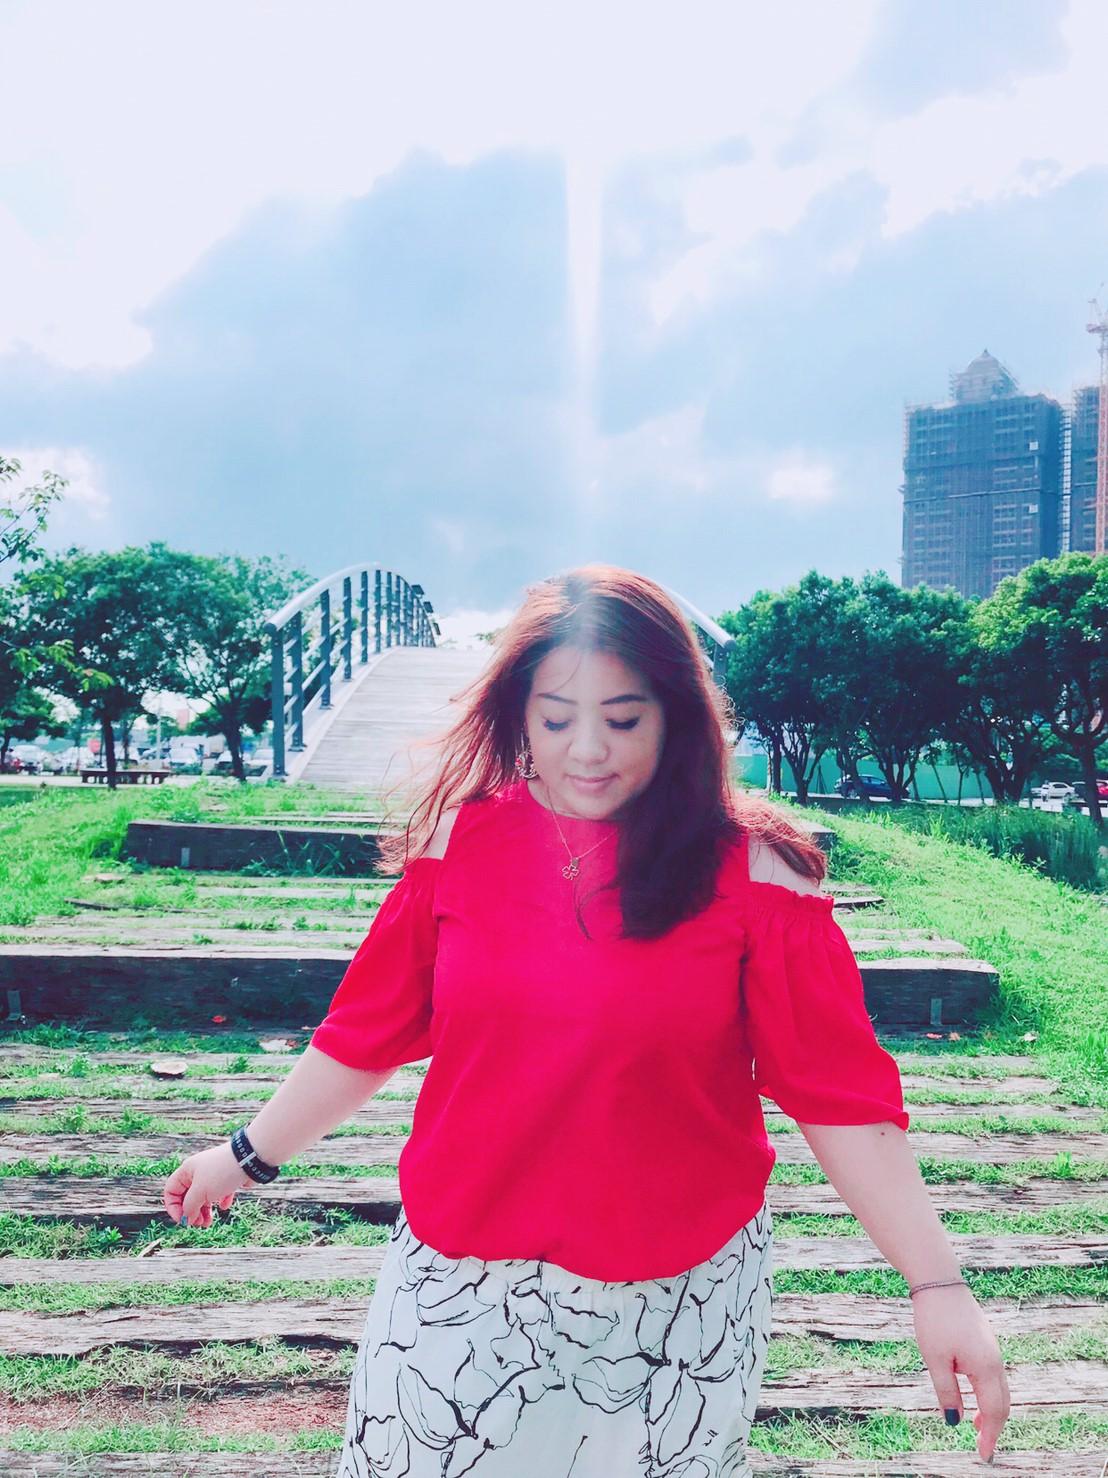 服裝穿搭-棉花糖女孩兒們,自信是你的最佳化妝品 @民宿女王芽月-美食.旅遊.全台趴趴走